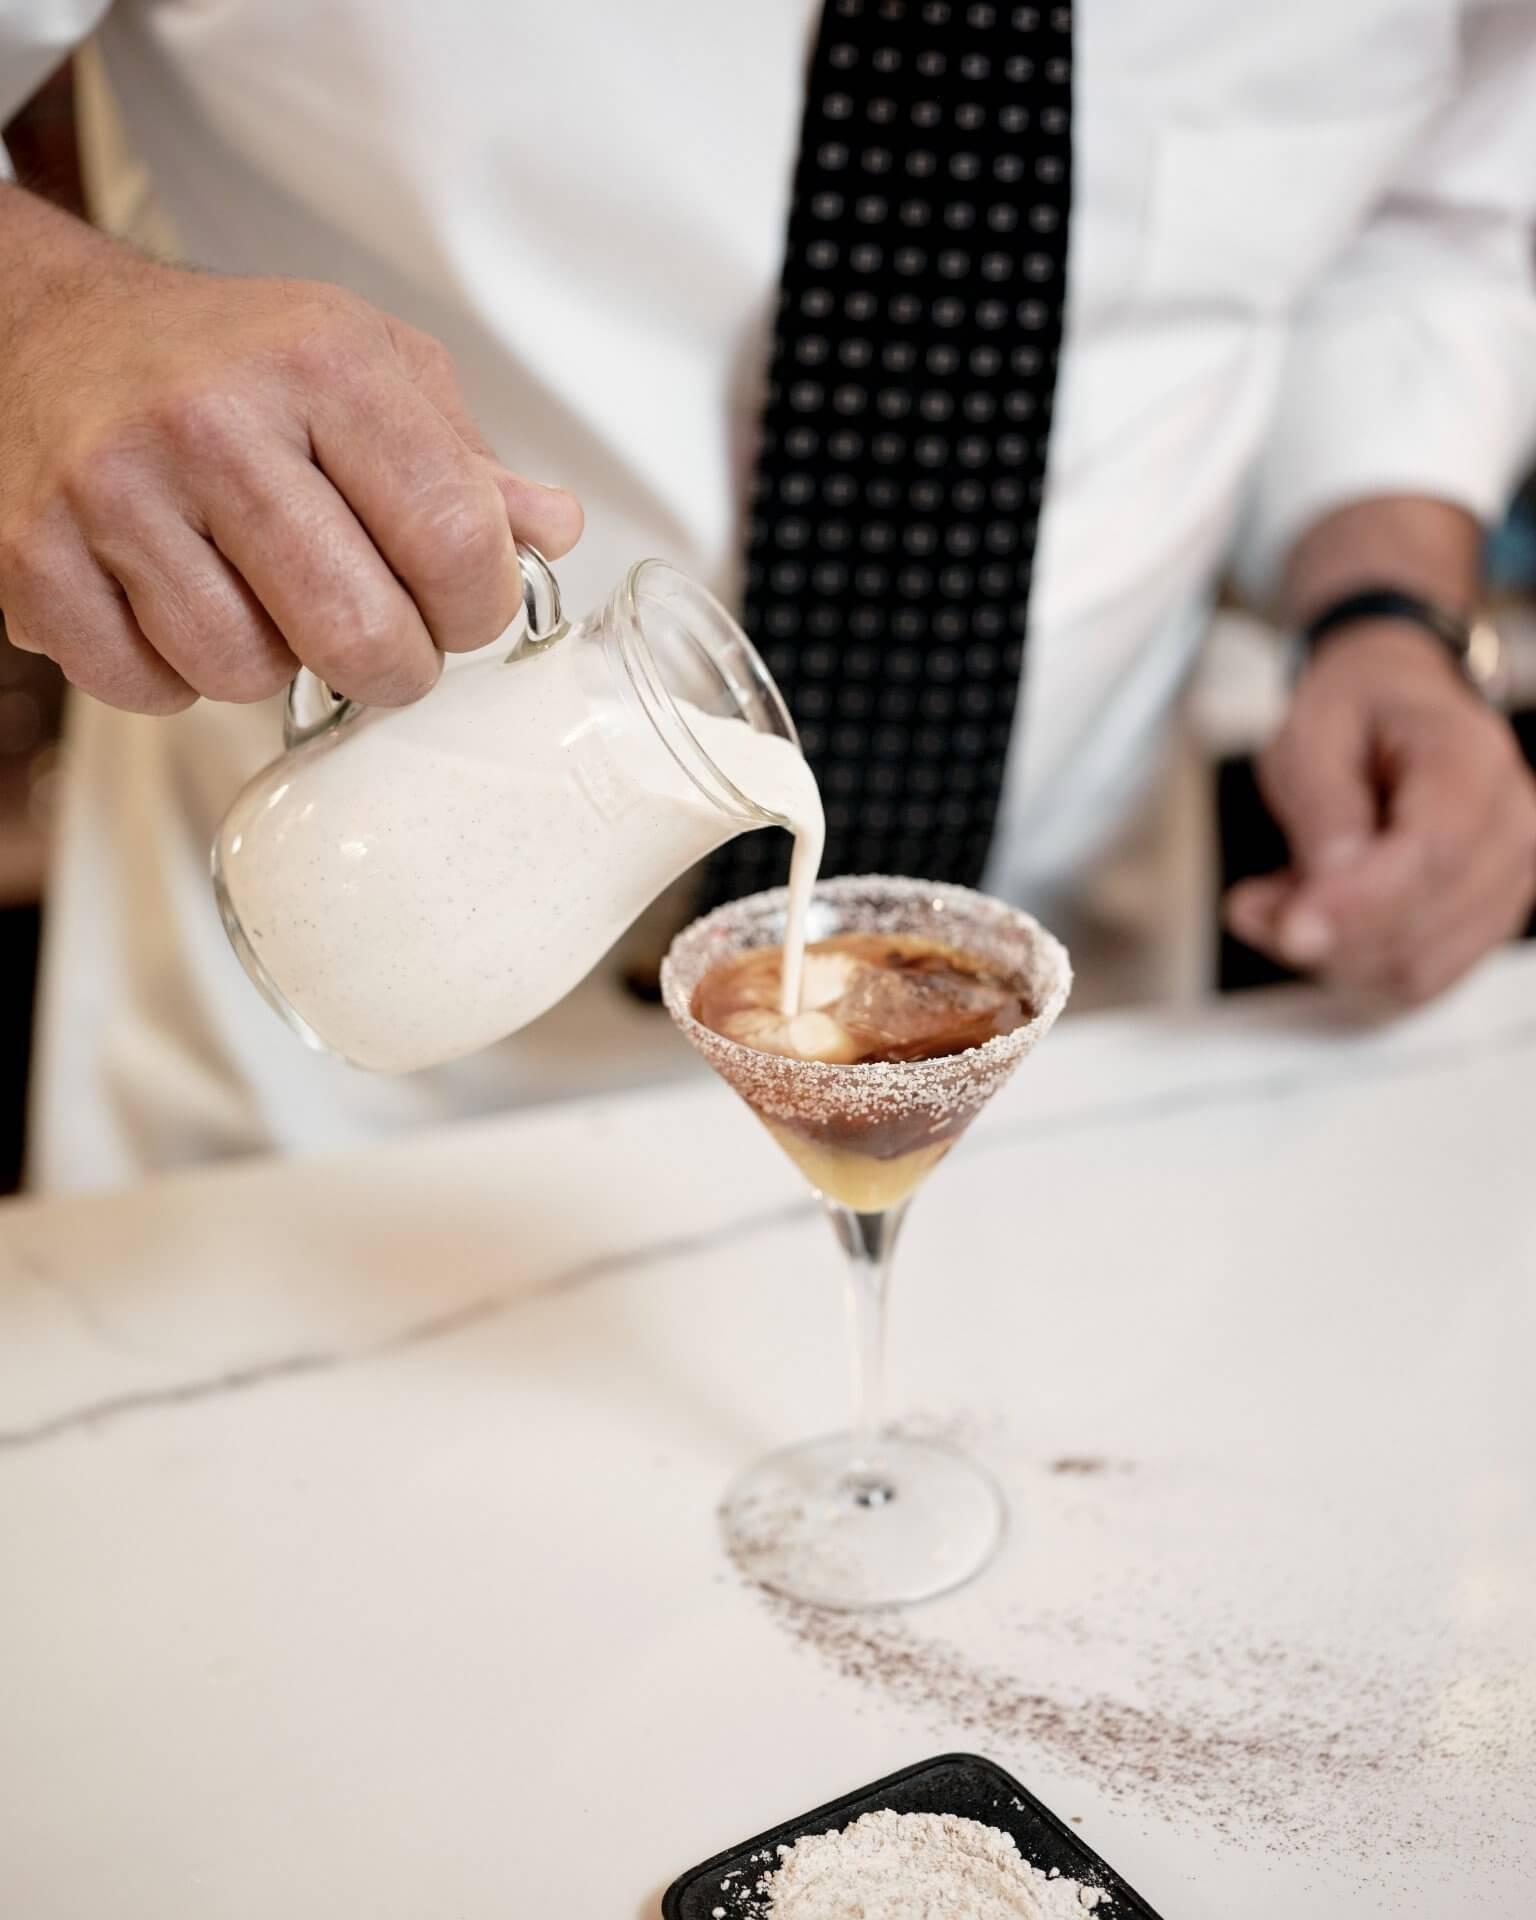 Creamy Primitivo in preparazione BAR BASSO